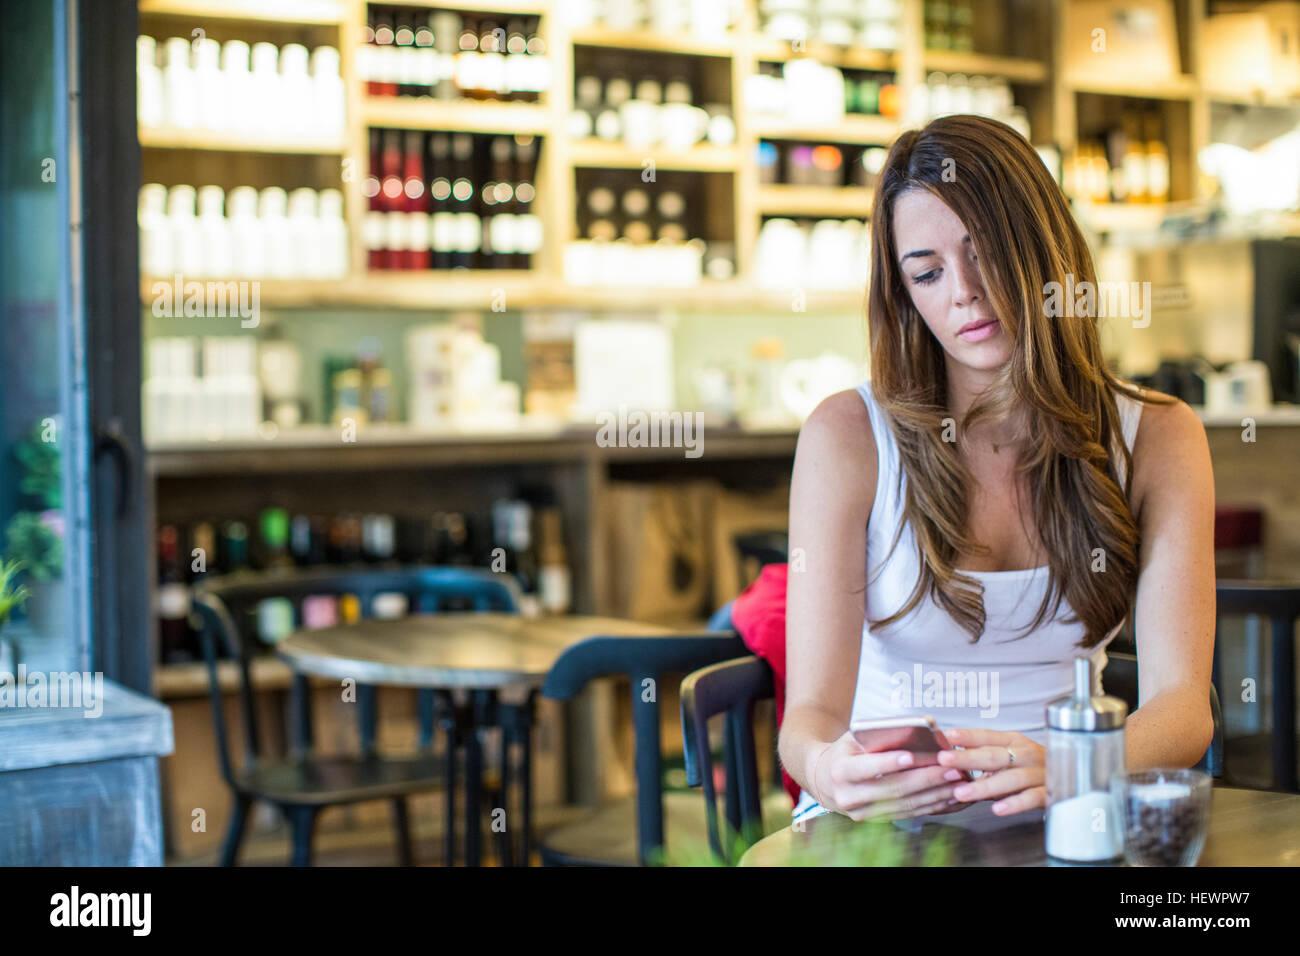 Mujer joven sentada en el café la lectura de textos del smartphone Imagen De Stock